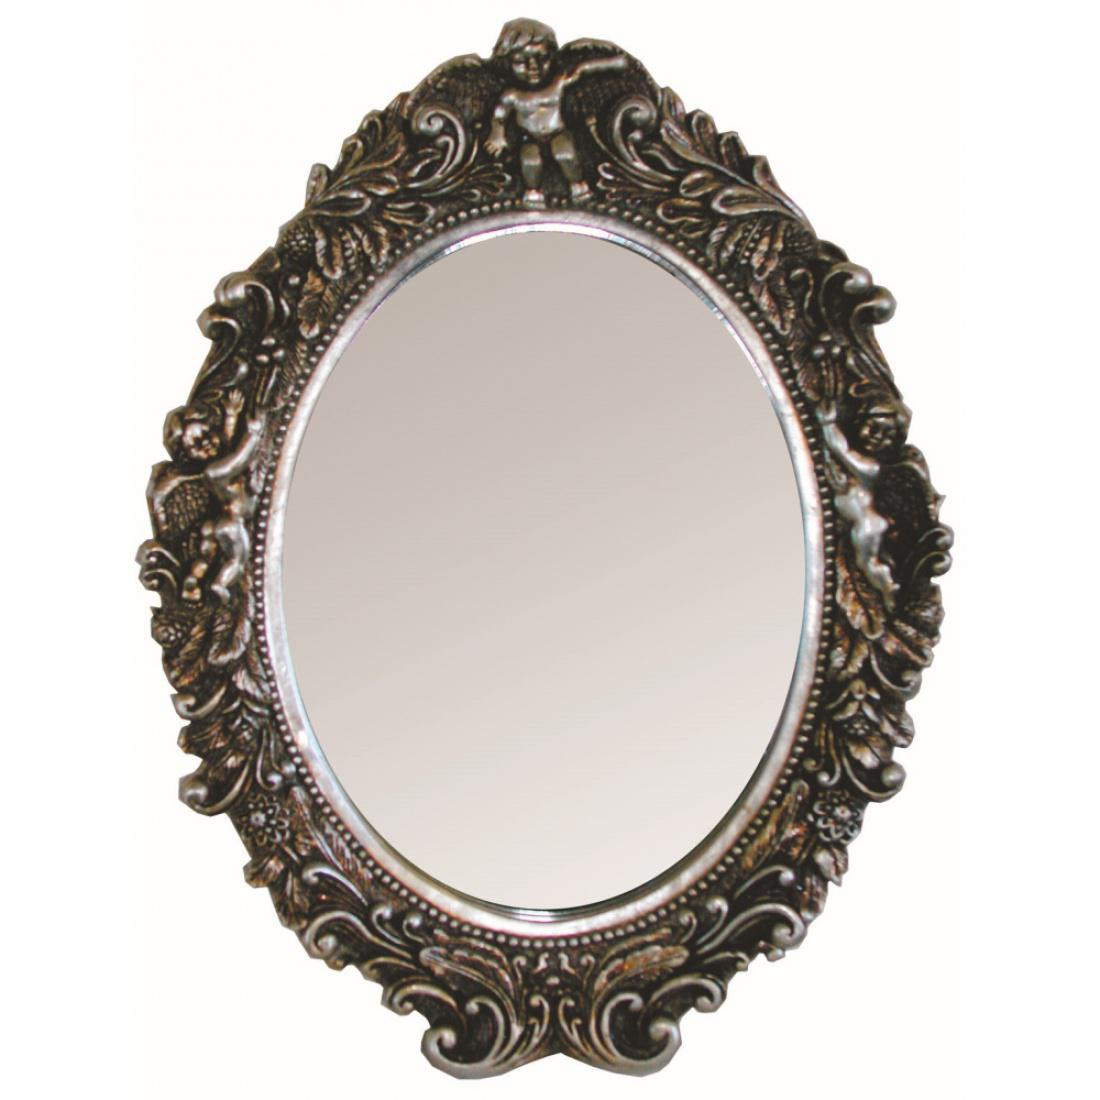 ovaler spiegel 15 verschiedene farben 43 x 50 x 7 cm kaufen bei m bel lux. Black Bedroom Furniture Sets. Home Design Ideas